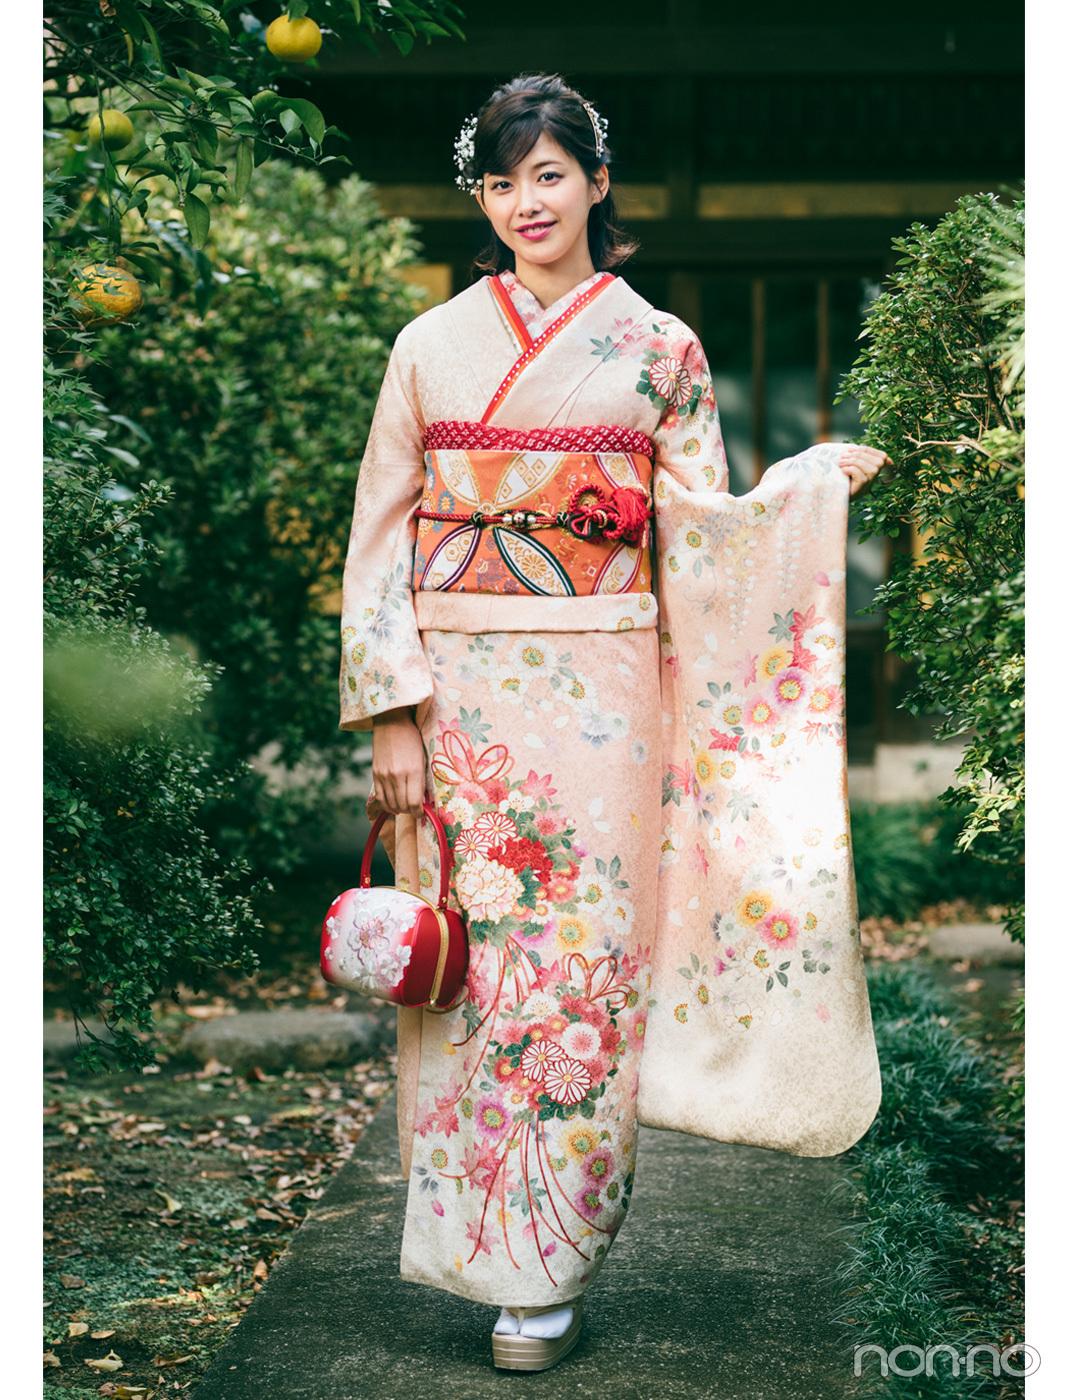 渡邉理佐の振袖コーデ♡ ピンクは同系色合わせで上品&可愛らしく【成人式2020】_1_1